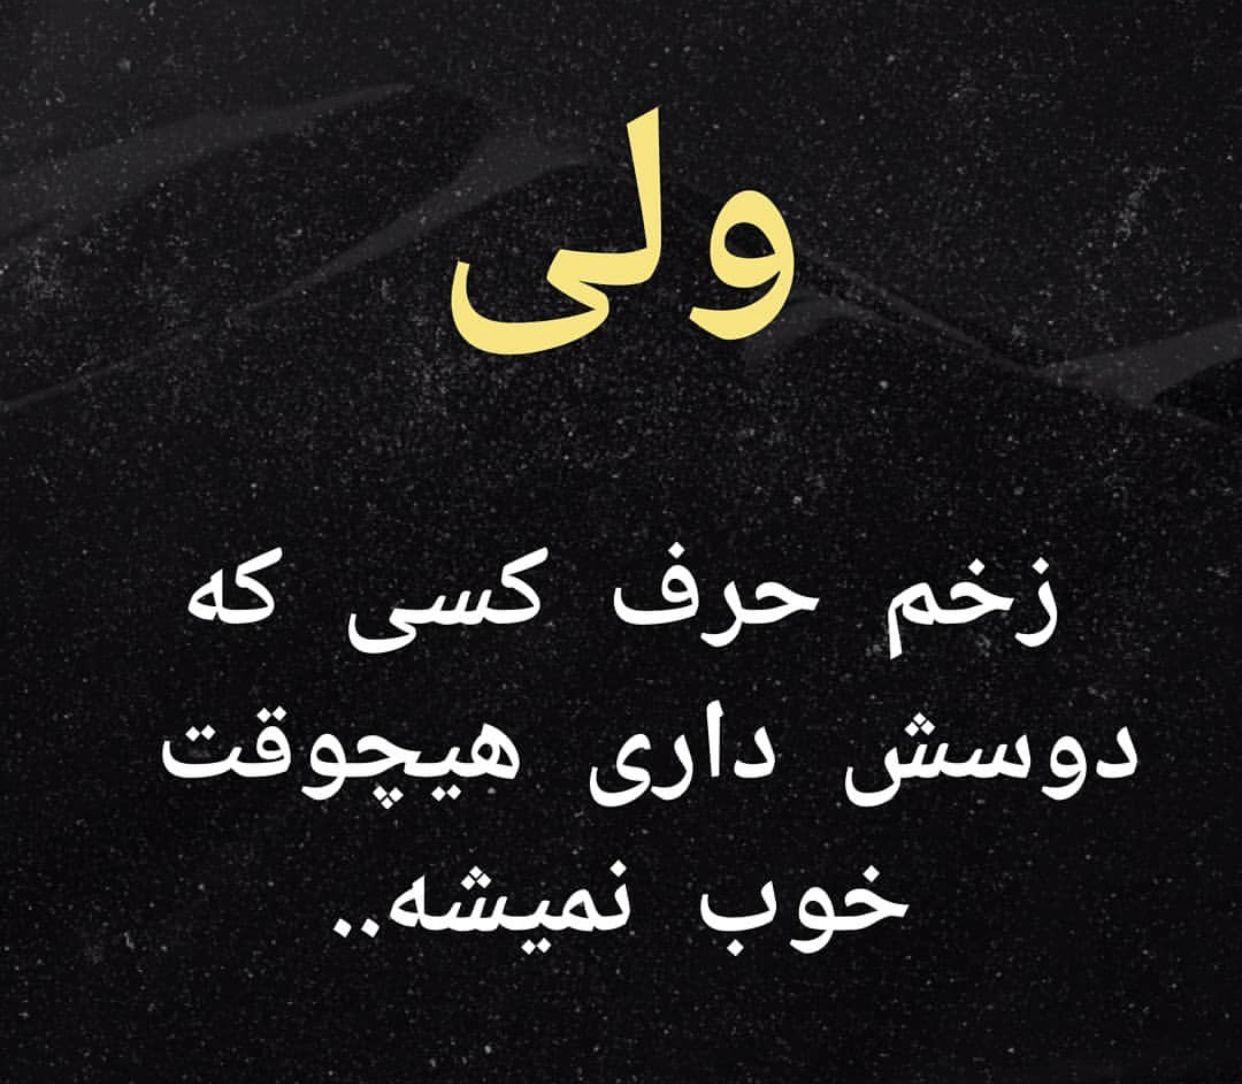 زخم زبون Fun Texts Text Pictures Farsi Quotes